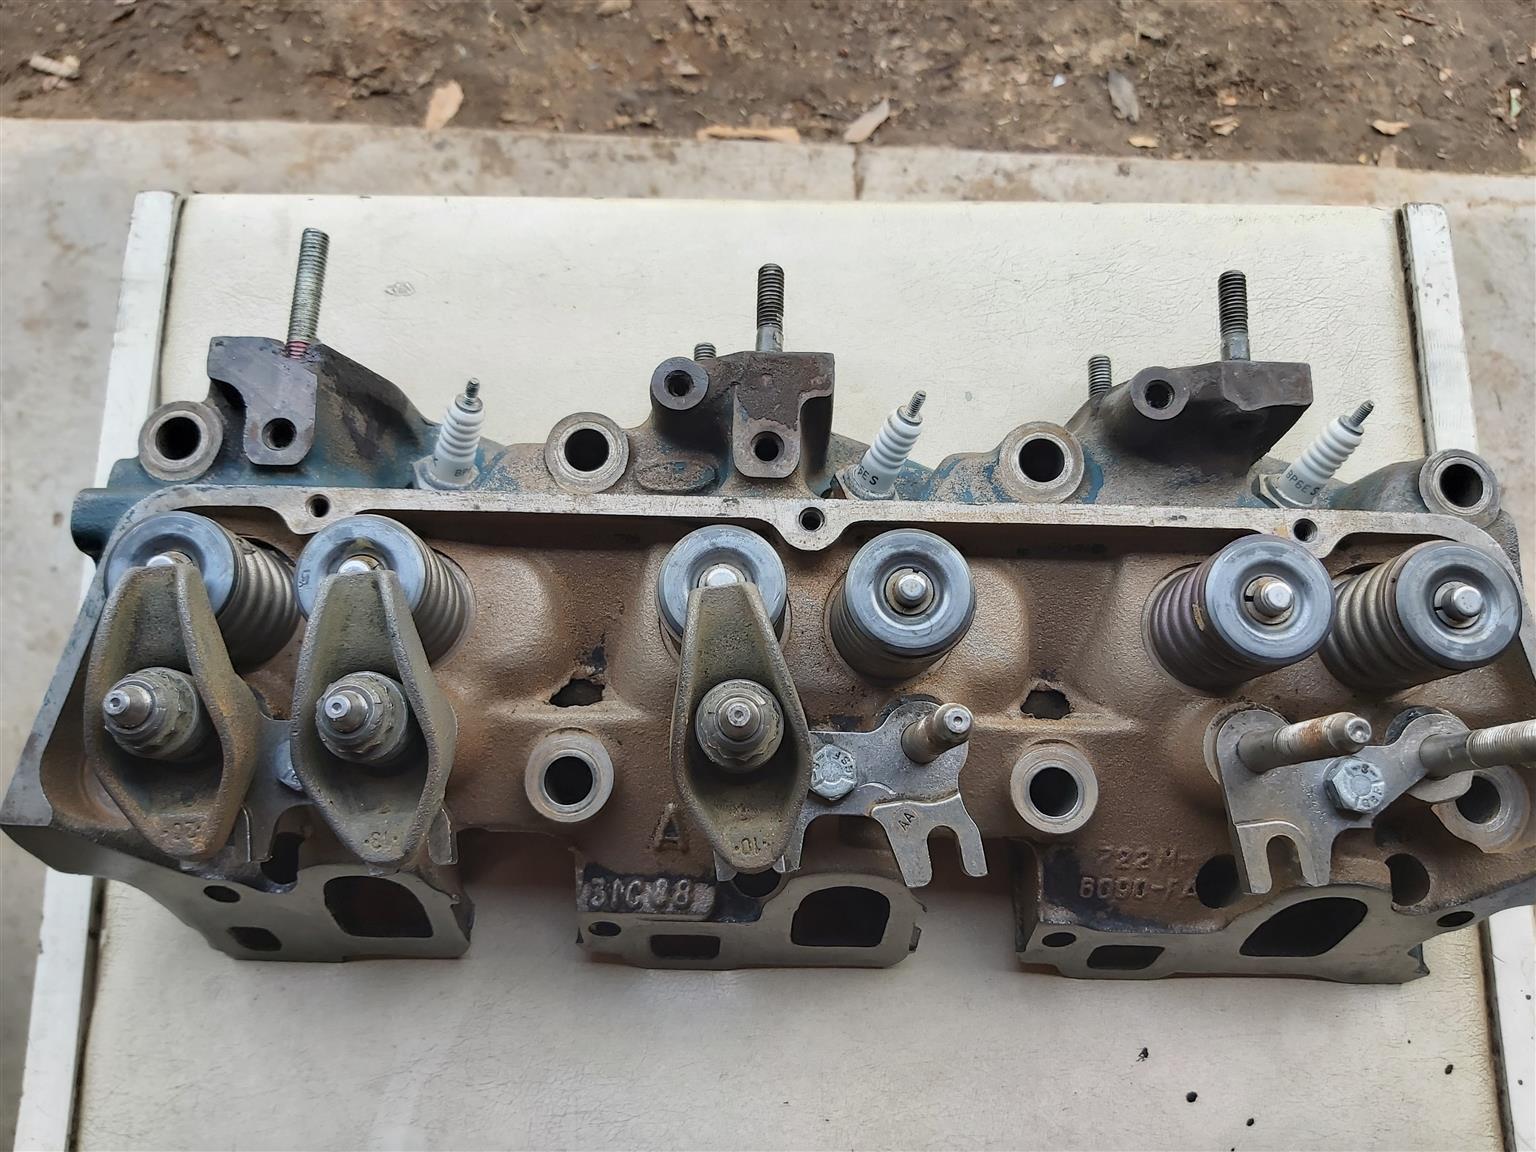 3.0 Ford V6 cylinderhead